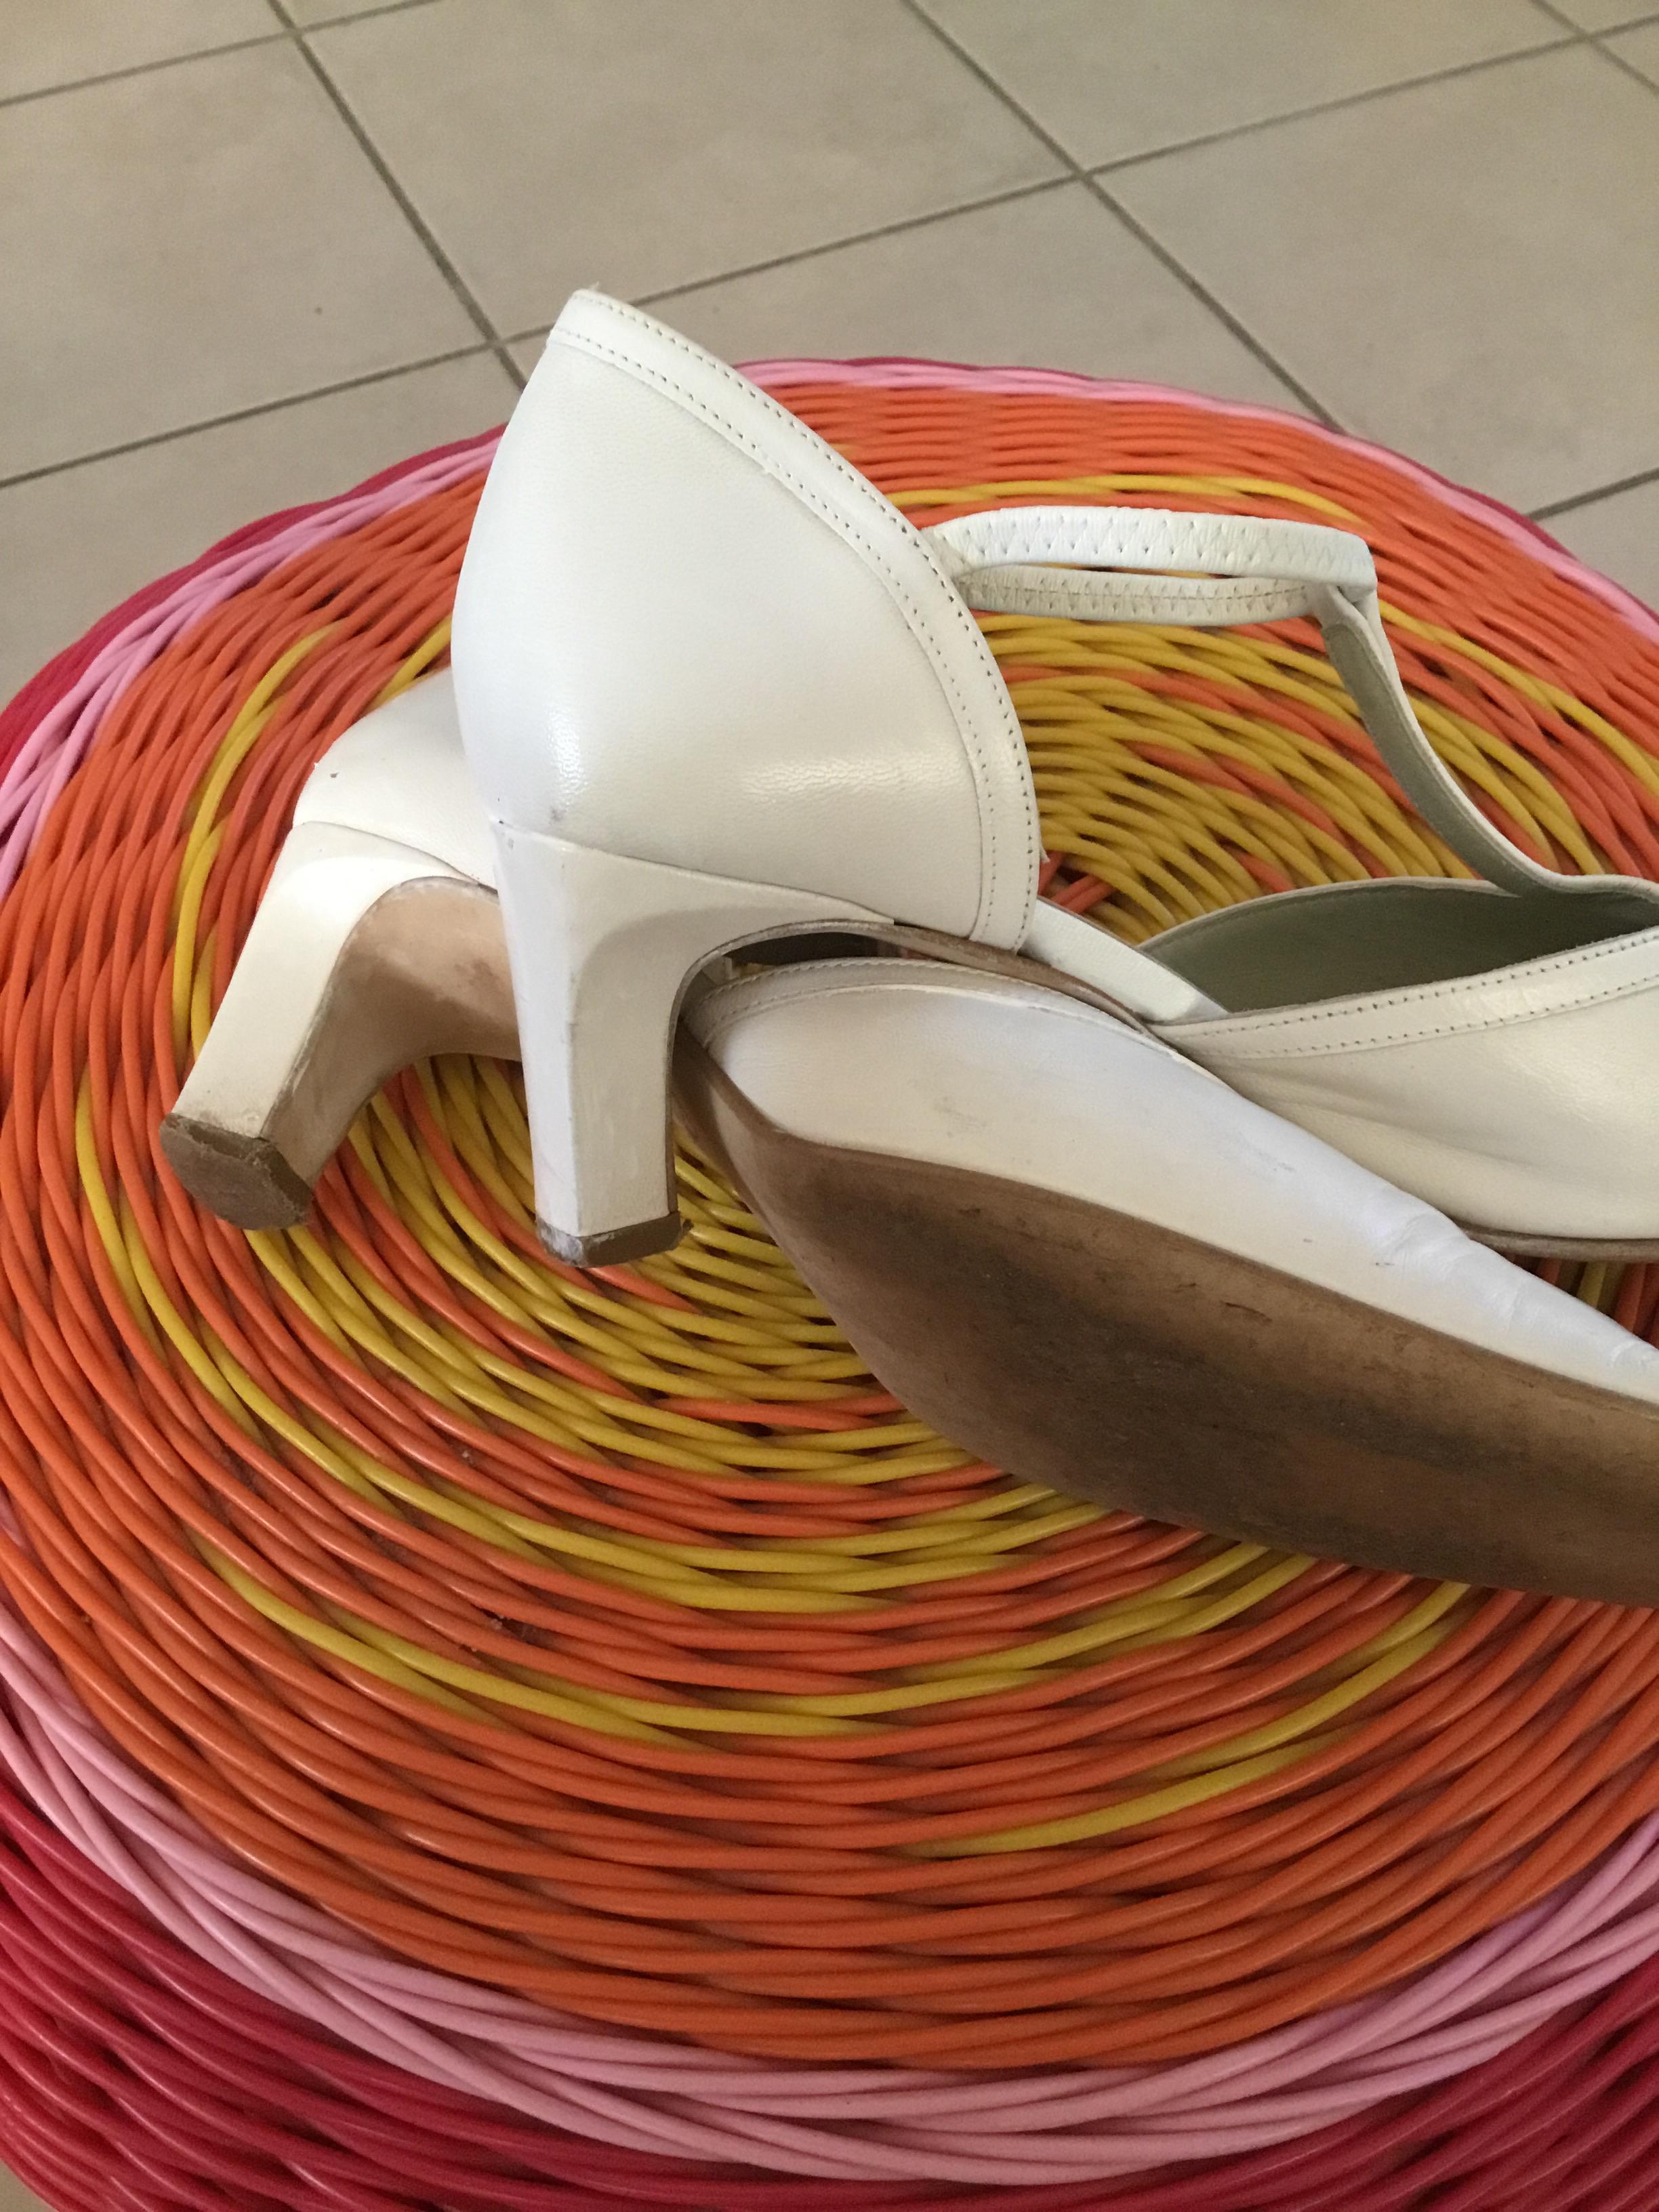 troc de troc donne chaussures femme à talons élégantes pointure 37 image 2